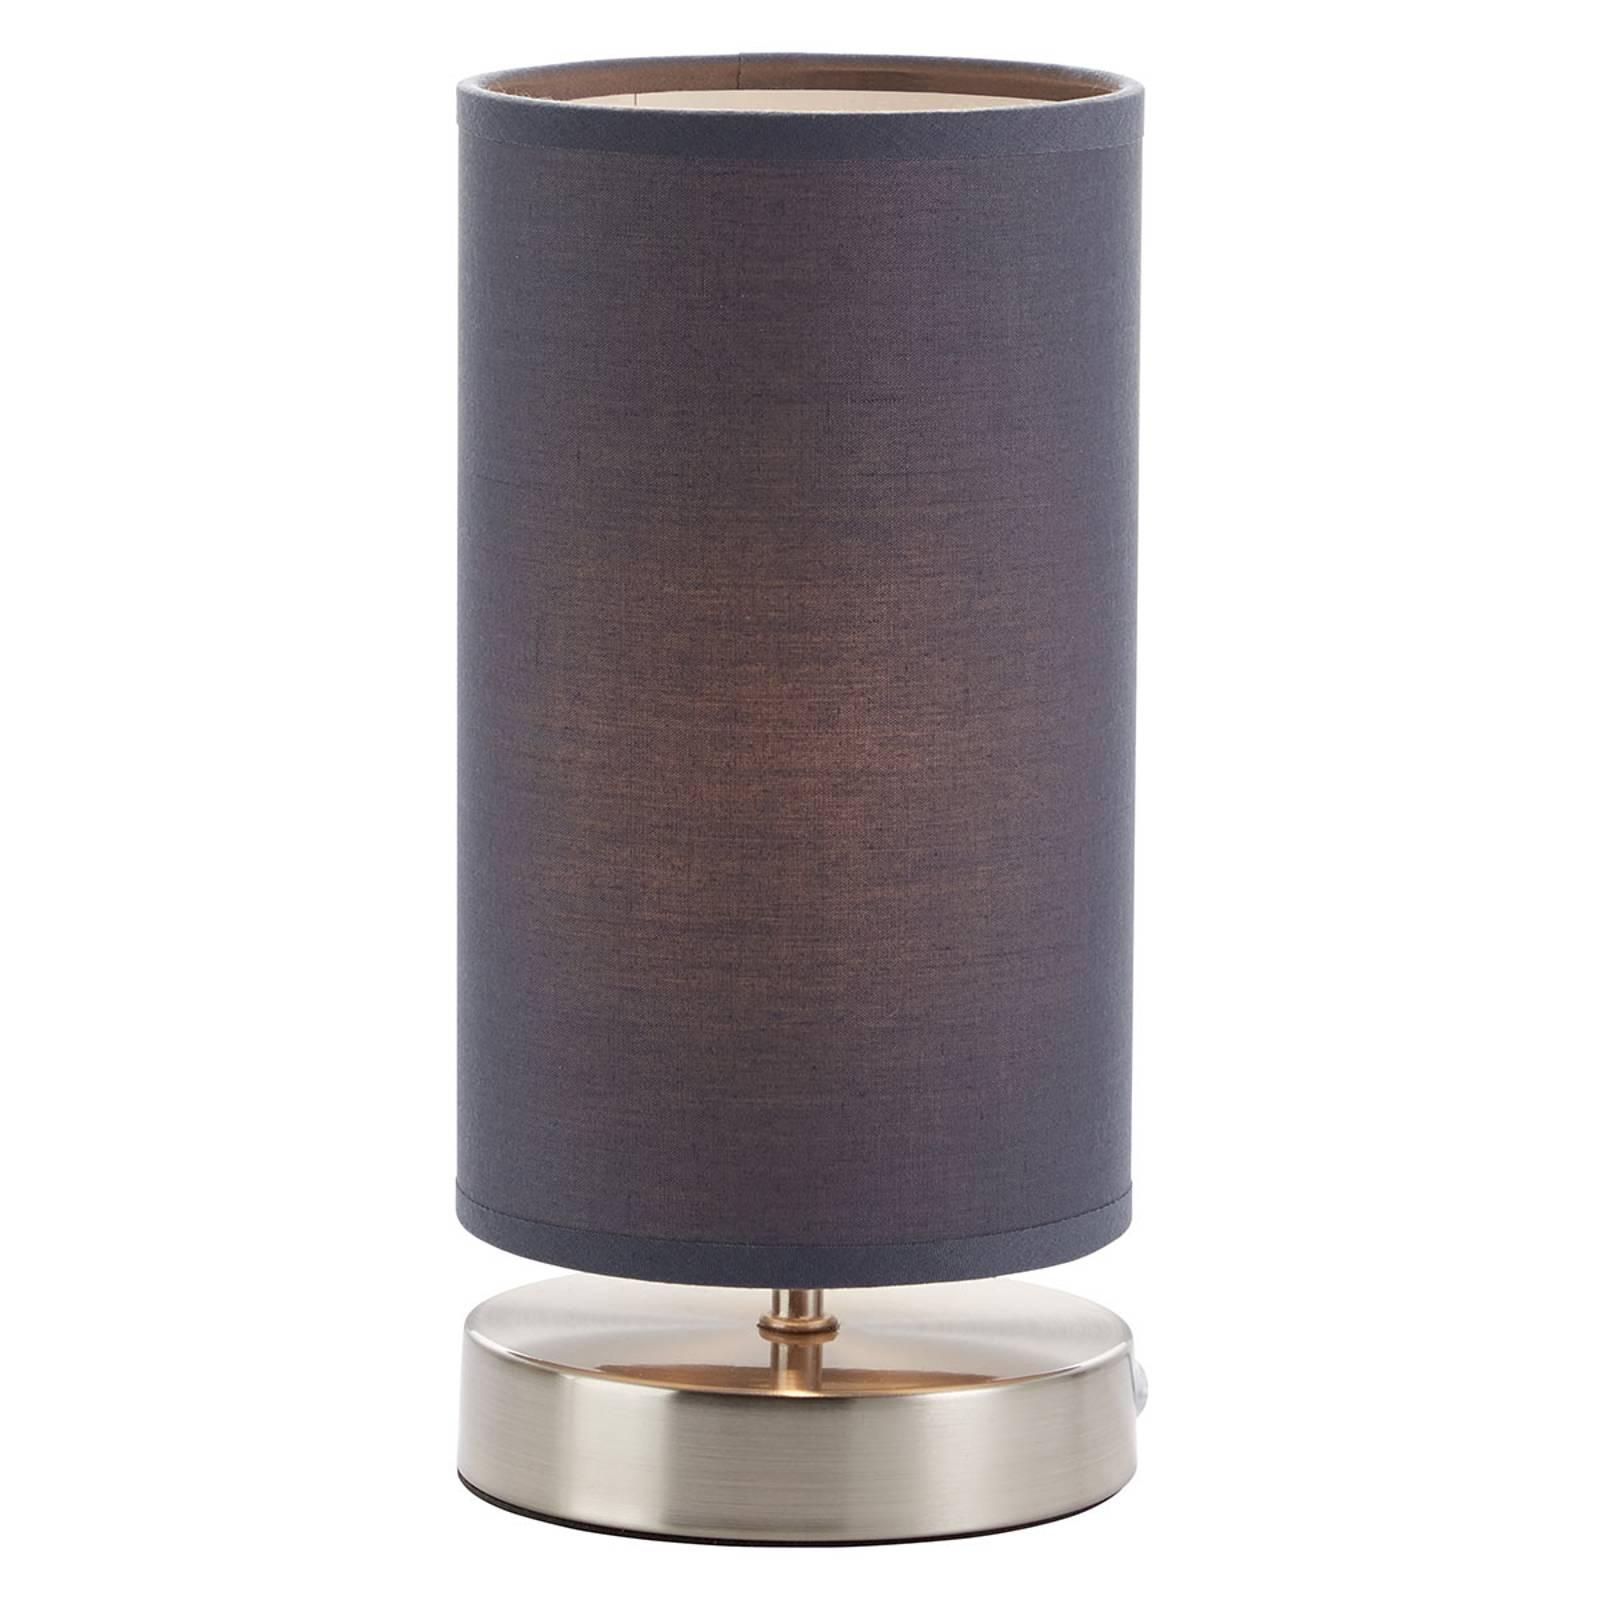 Tafellamp Clarie met grijze stoffen kap